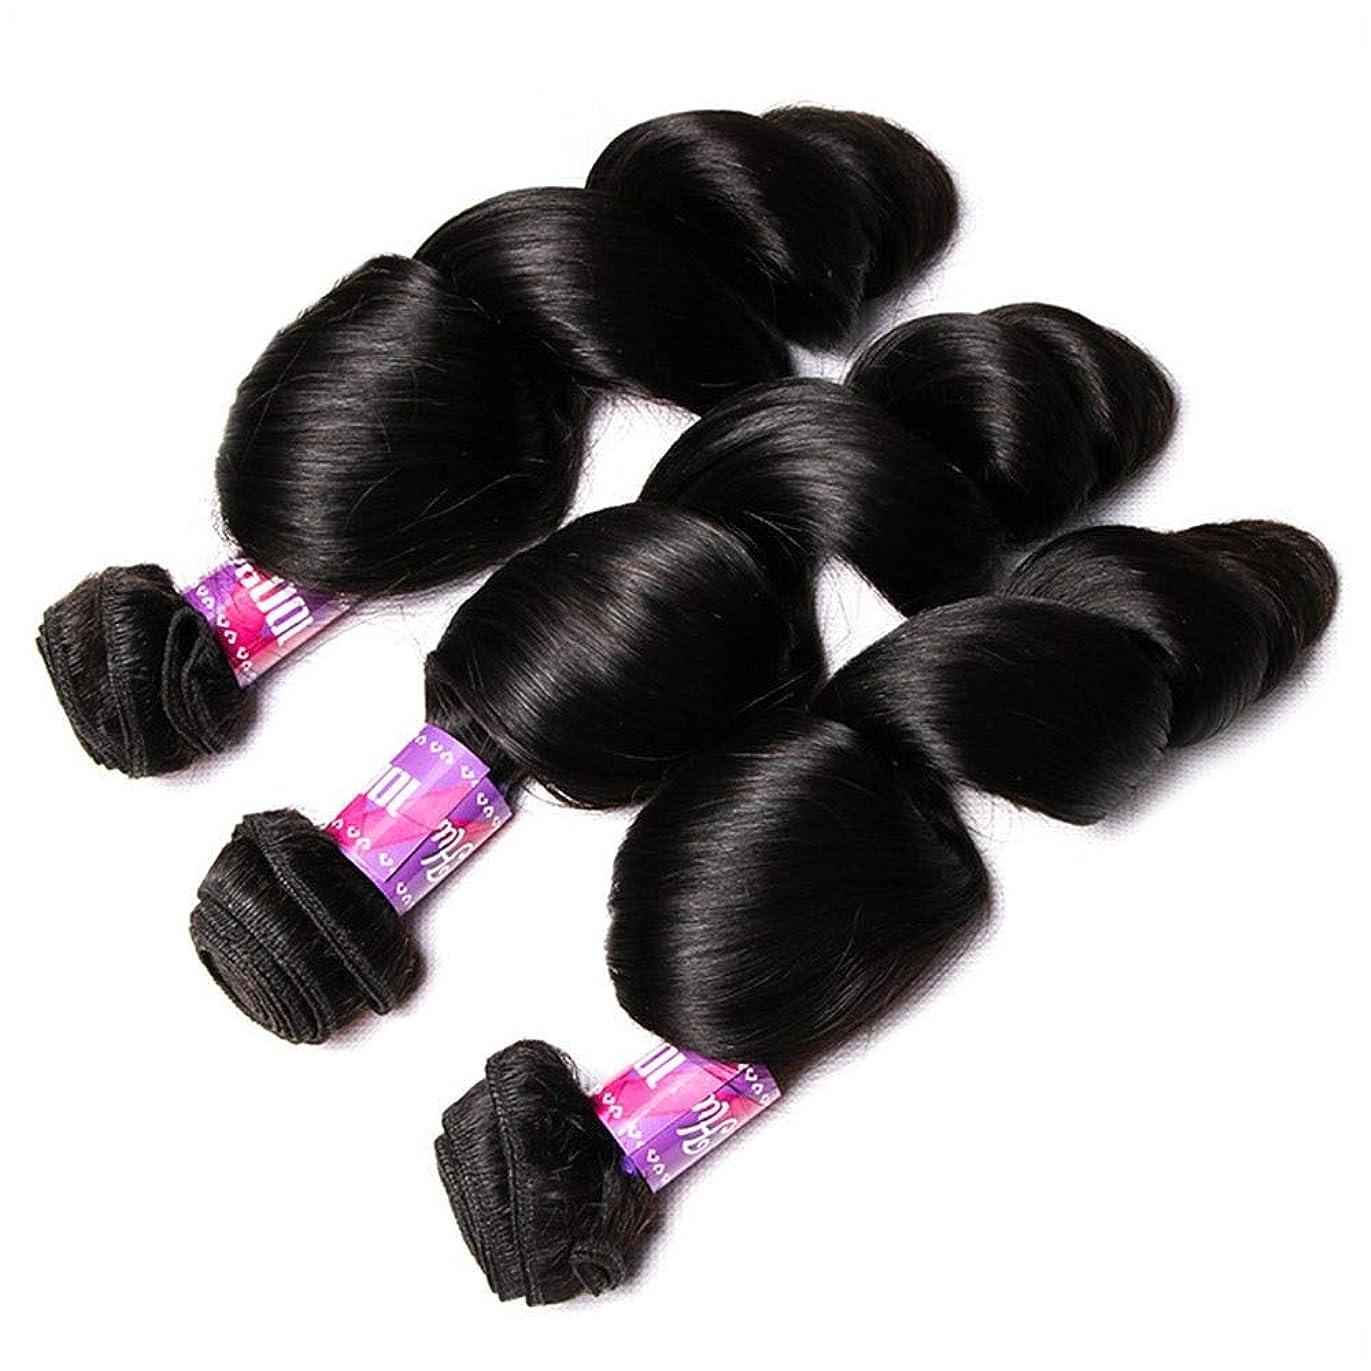 詳細な対話コンプリートYrattary 女性のスパイラルカーリー人間の髪の束ルーズカーリー織り100%未処理ブラジル人毛女性複合かつらレースかつらロールプレイングかつら (色 : 黒, サイズ : 20 inch)